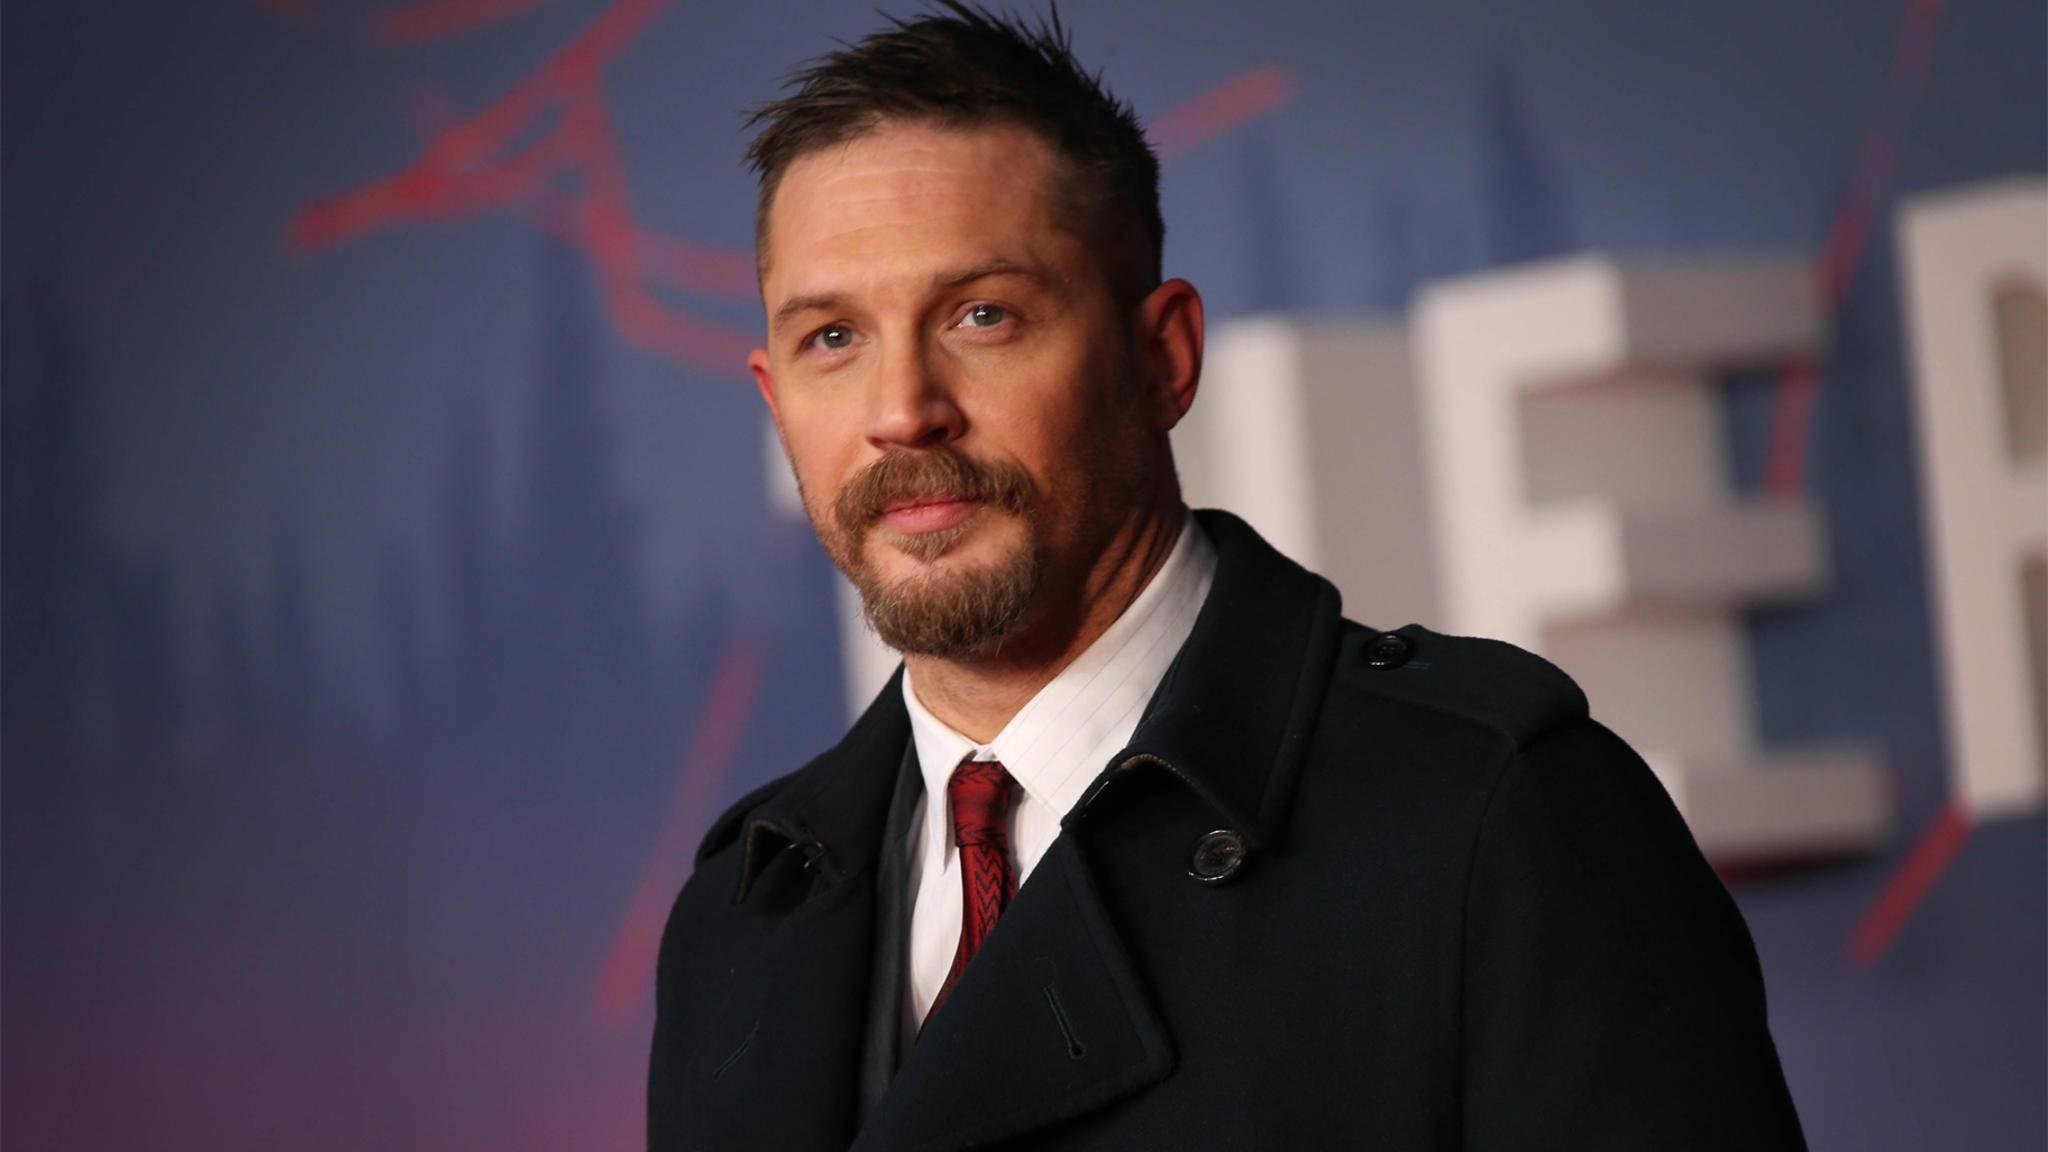 Vielleicht das neue Gesicht von James Bond? Tom Hardy sagt jedenfalls nicht Nein zur Rolle des Agenten.